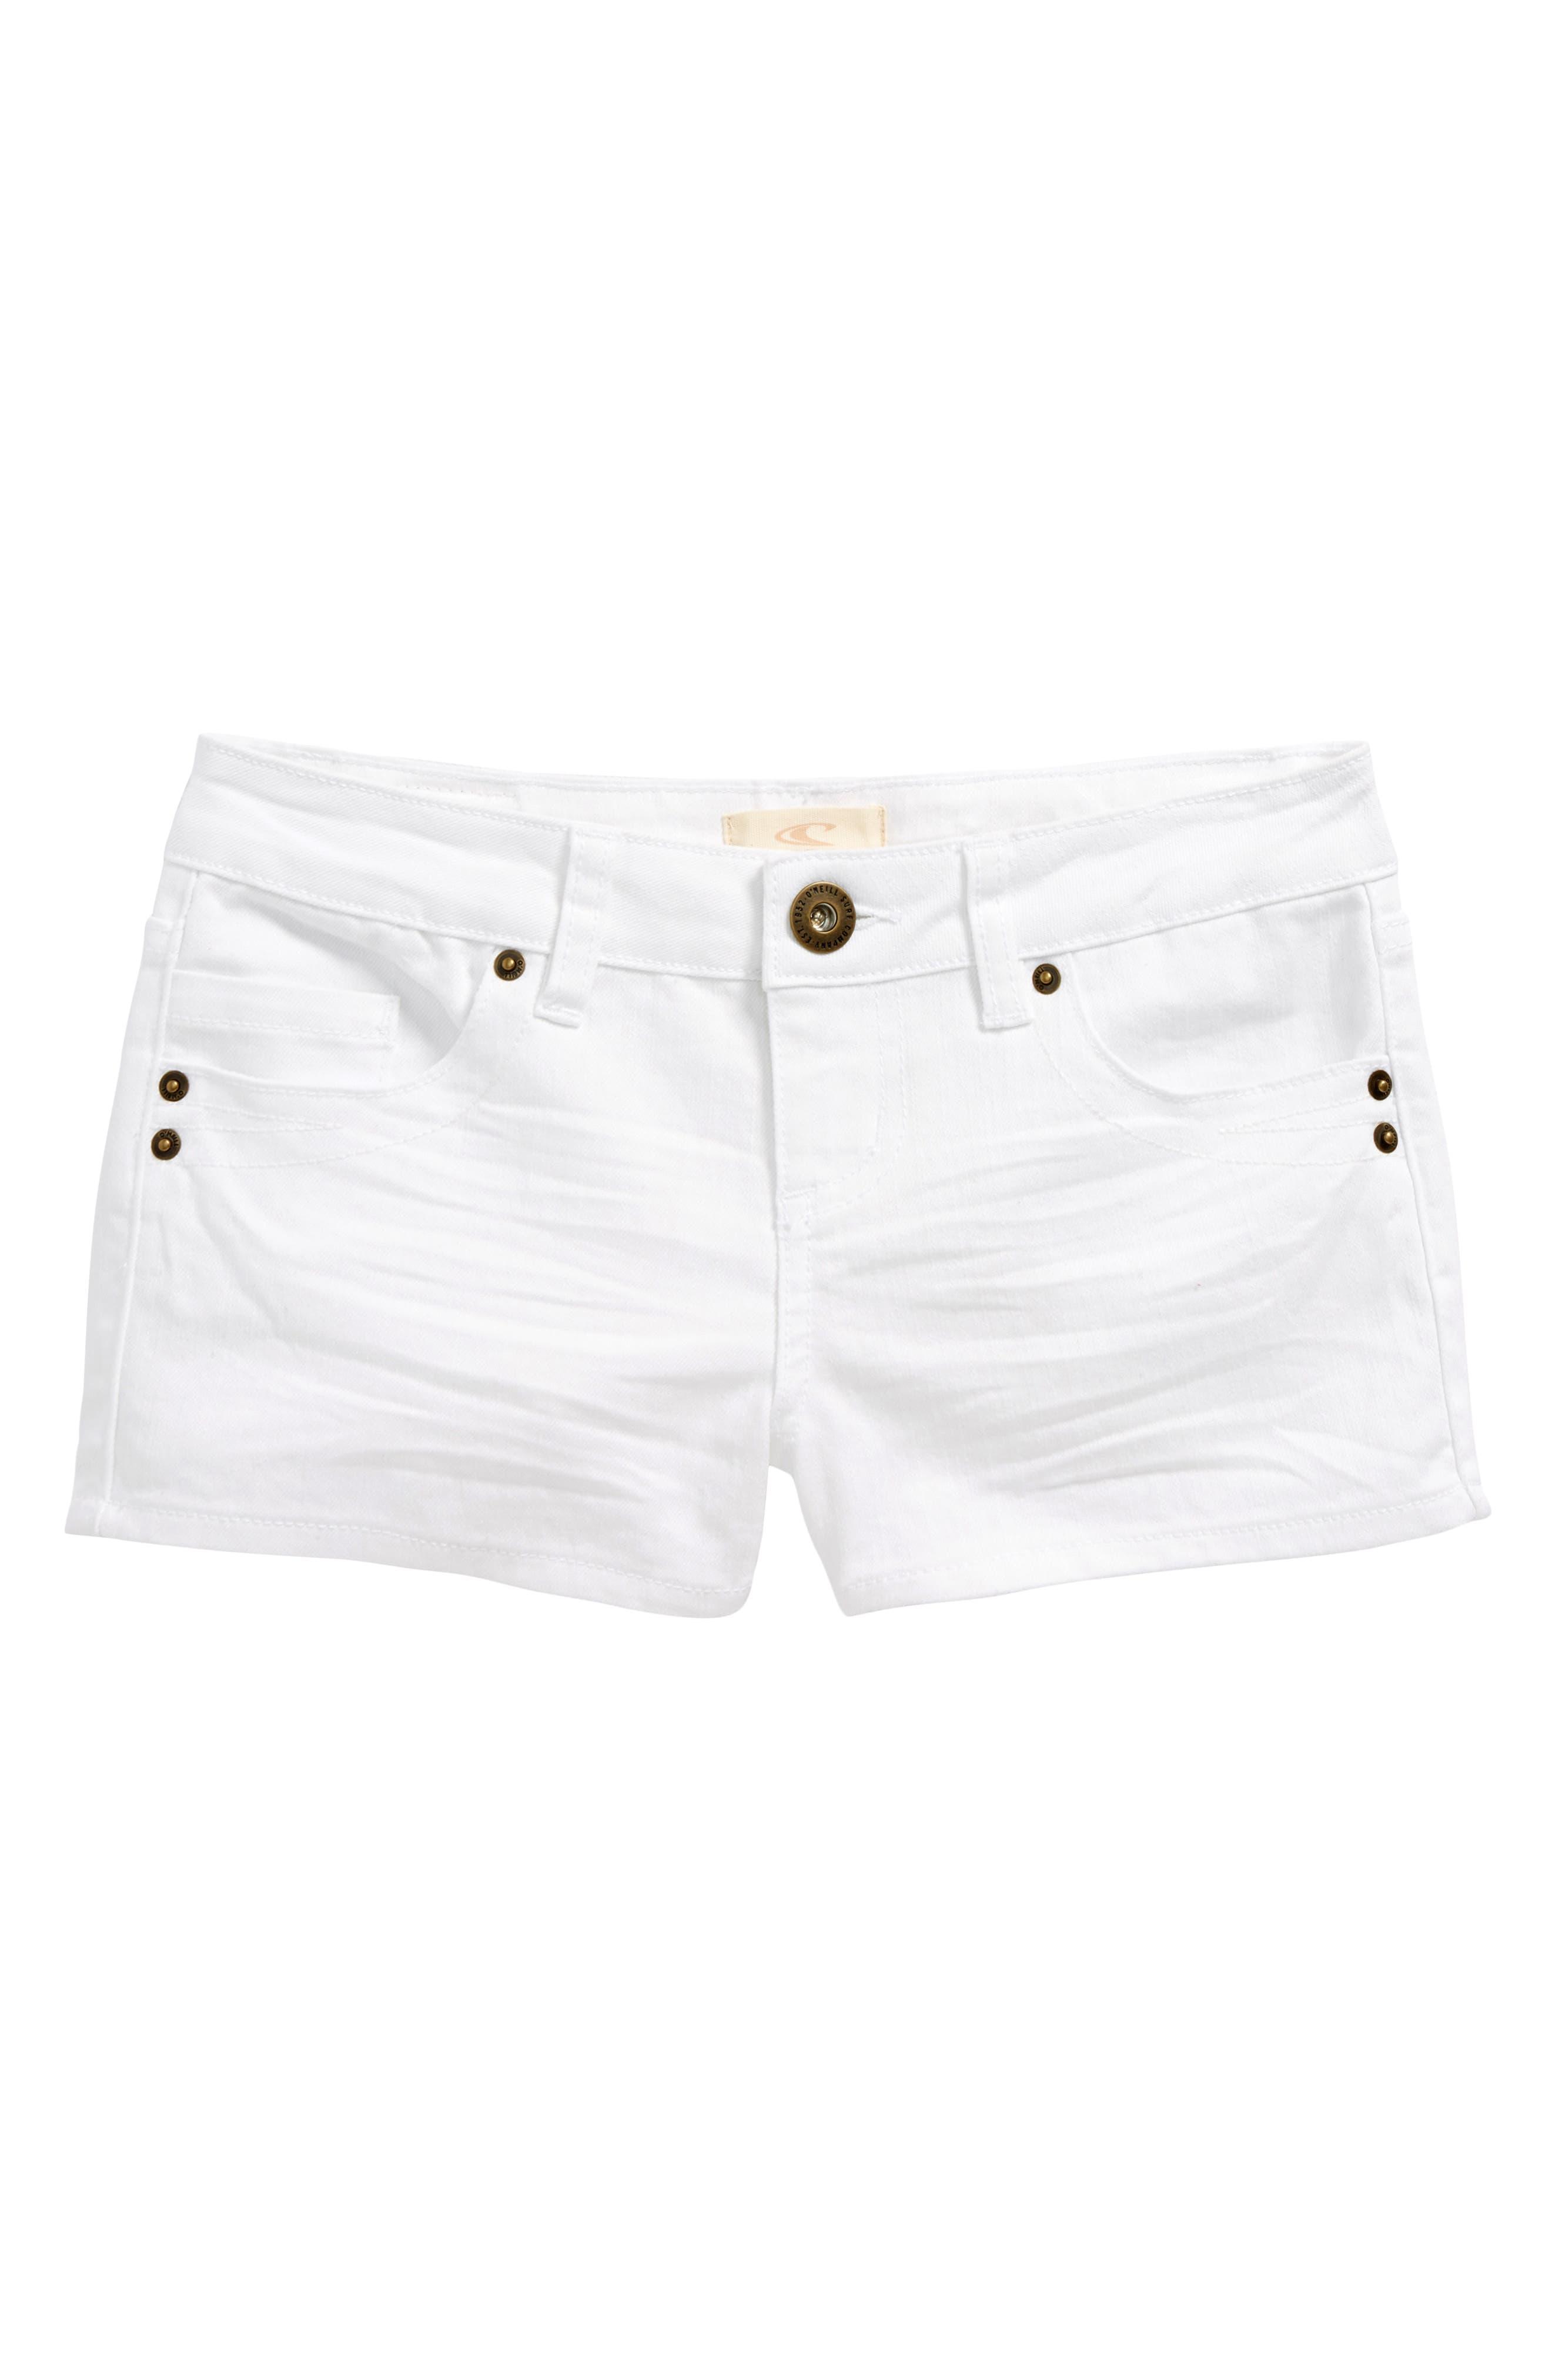 Waidley Denim Shorts,                             Main thumbnail 1, color,                             100